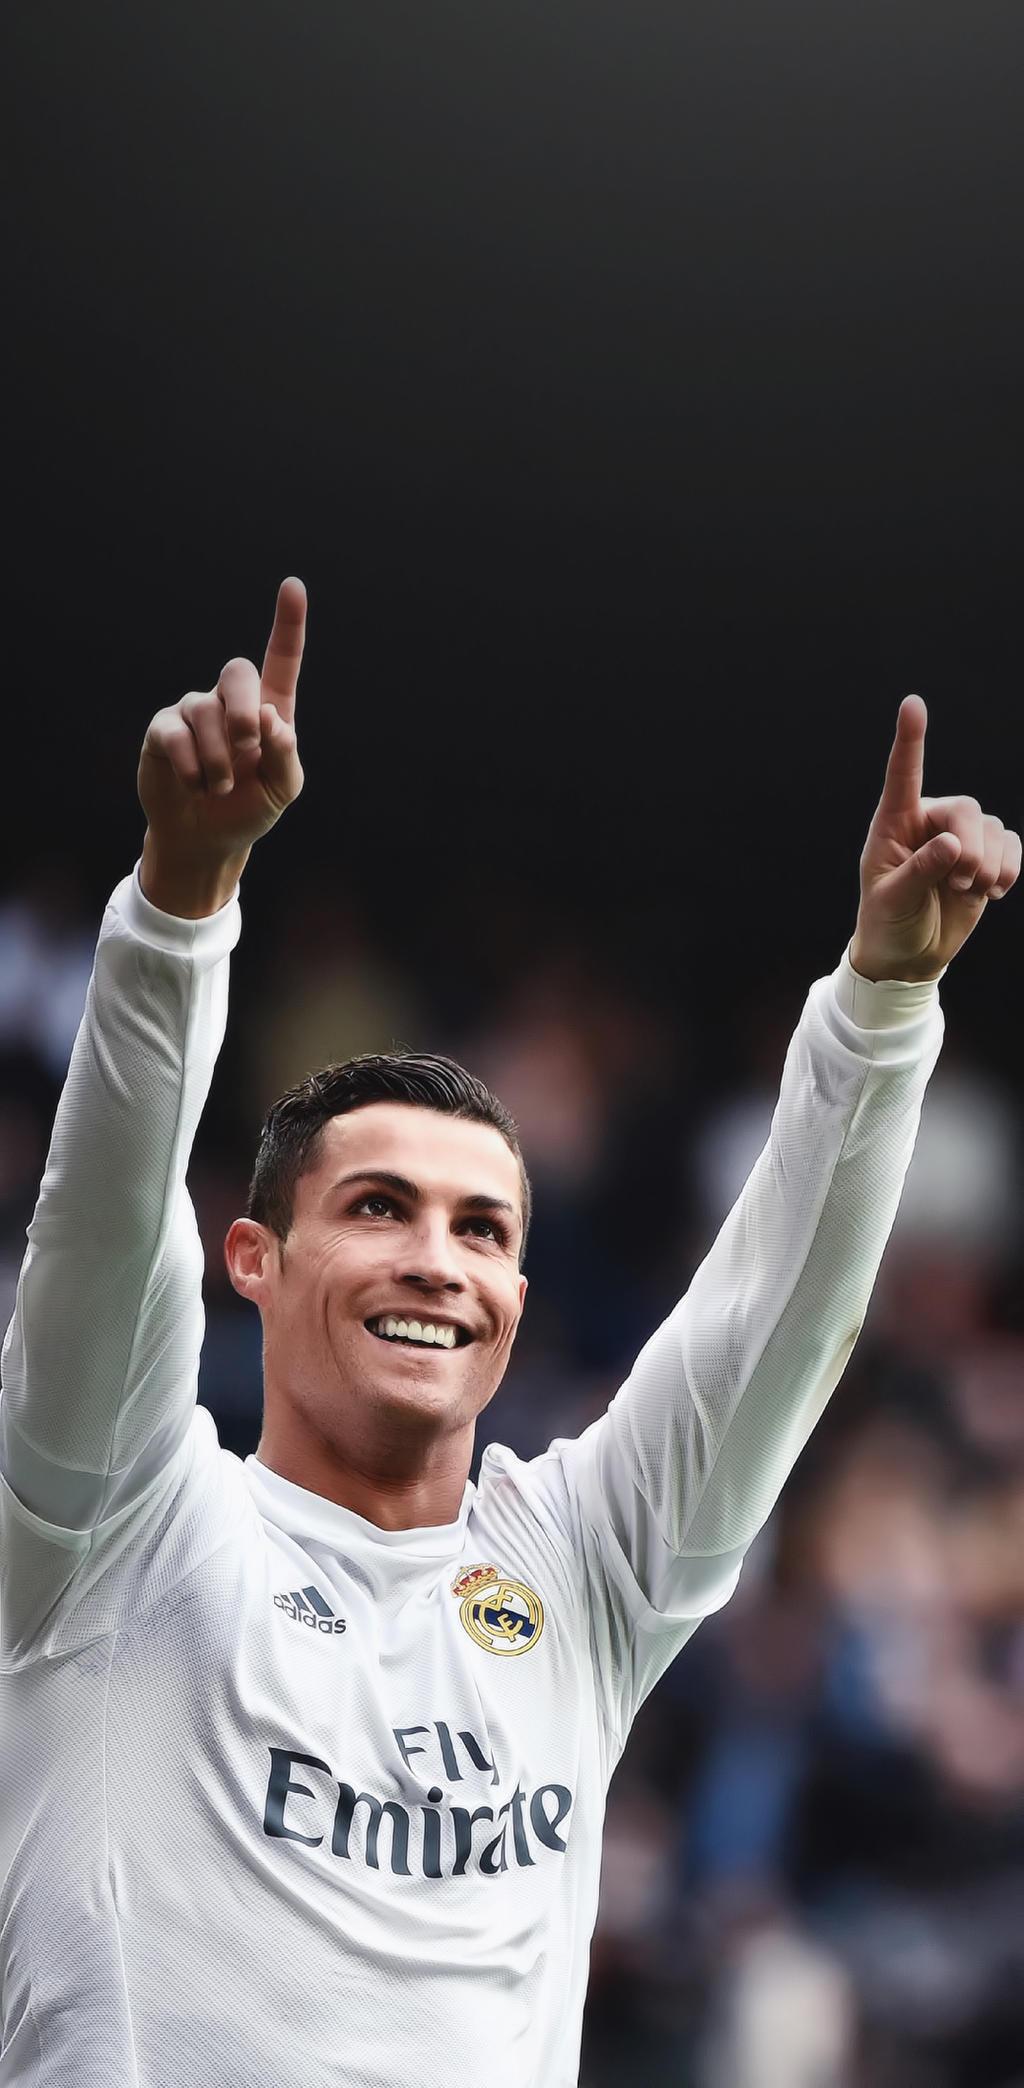 Cristiano Ronaldo Iphone Wallpaper Hd